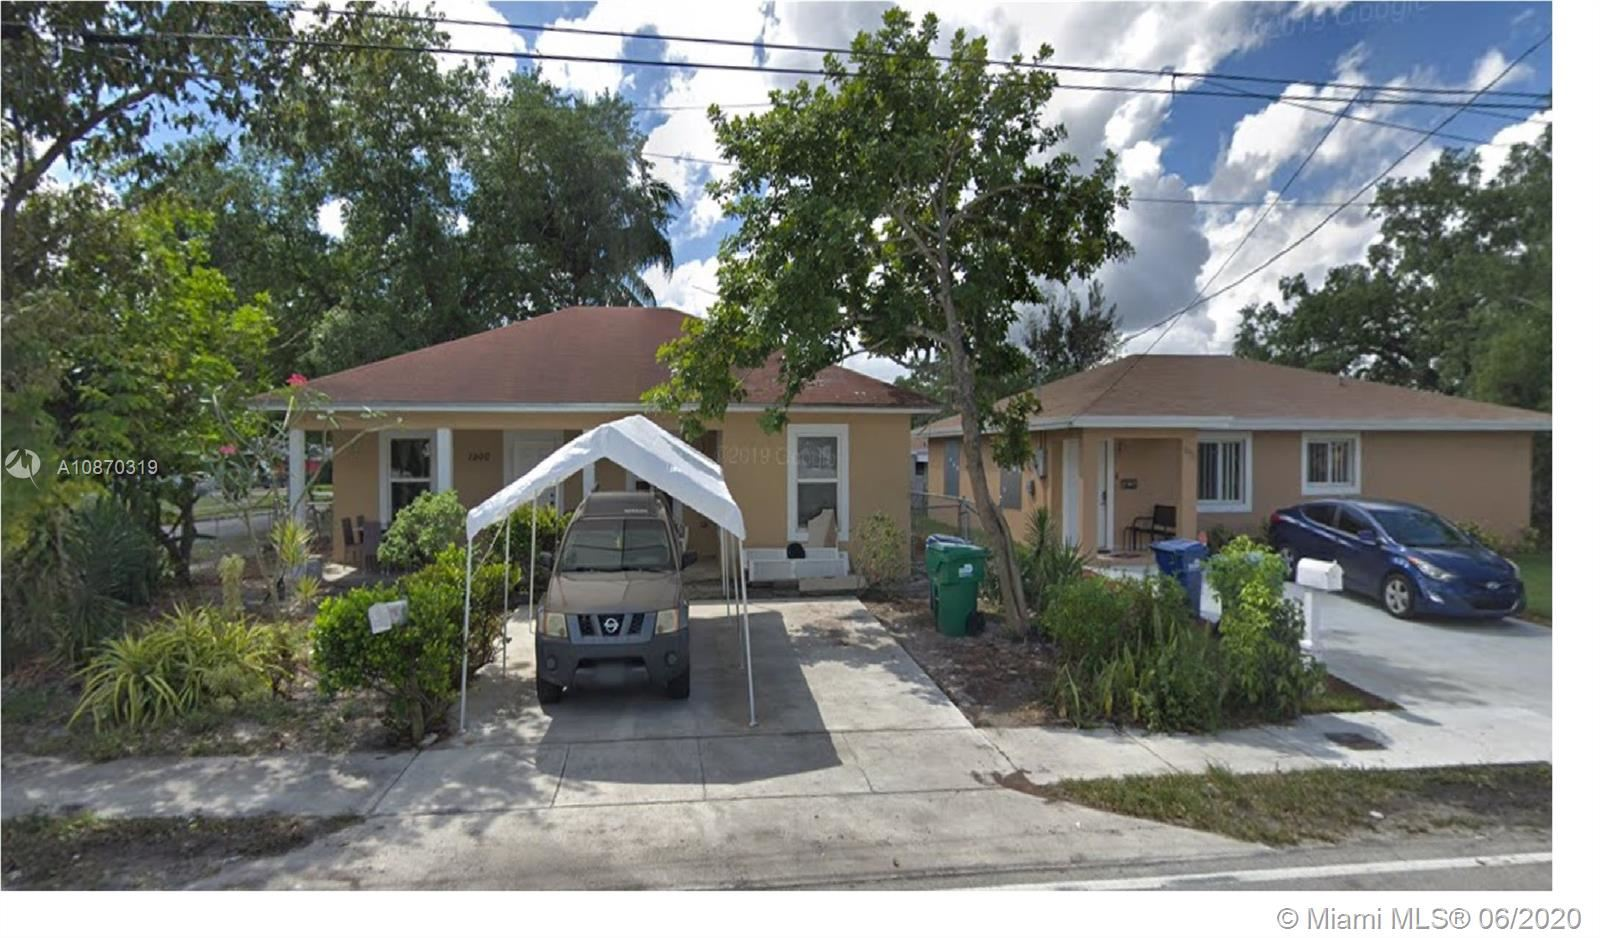 1900 NW 87th St, Miami, FL 33147 - #: A10870319